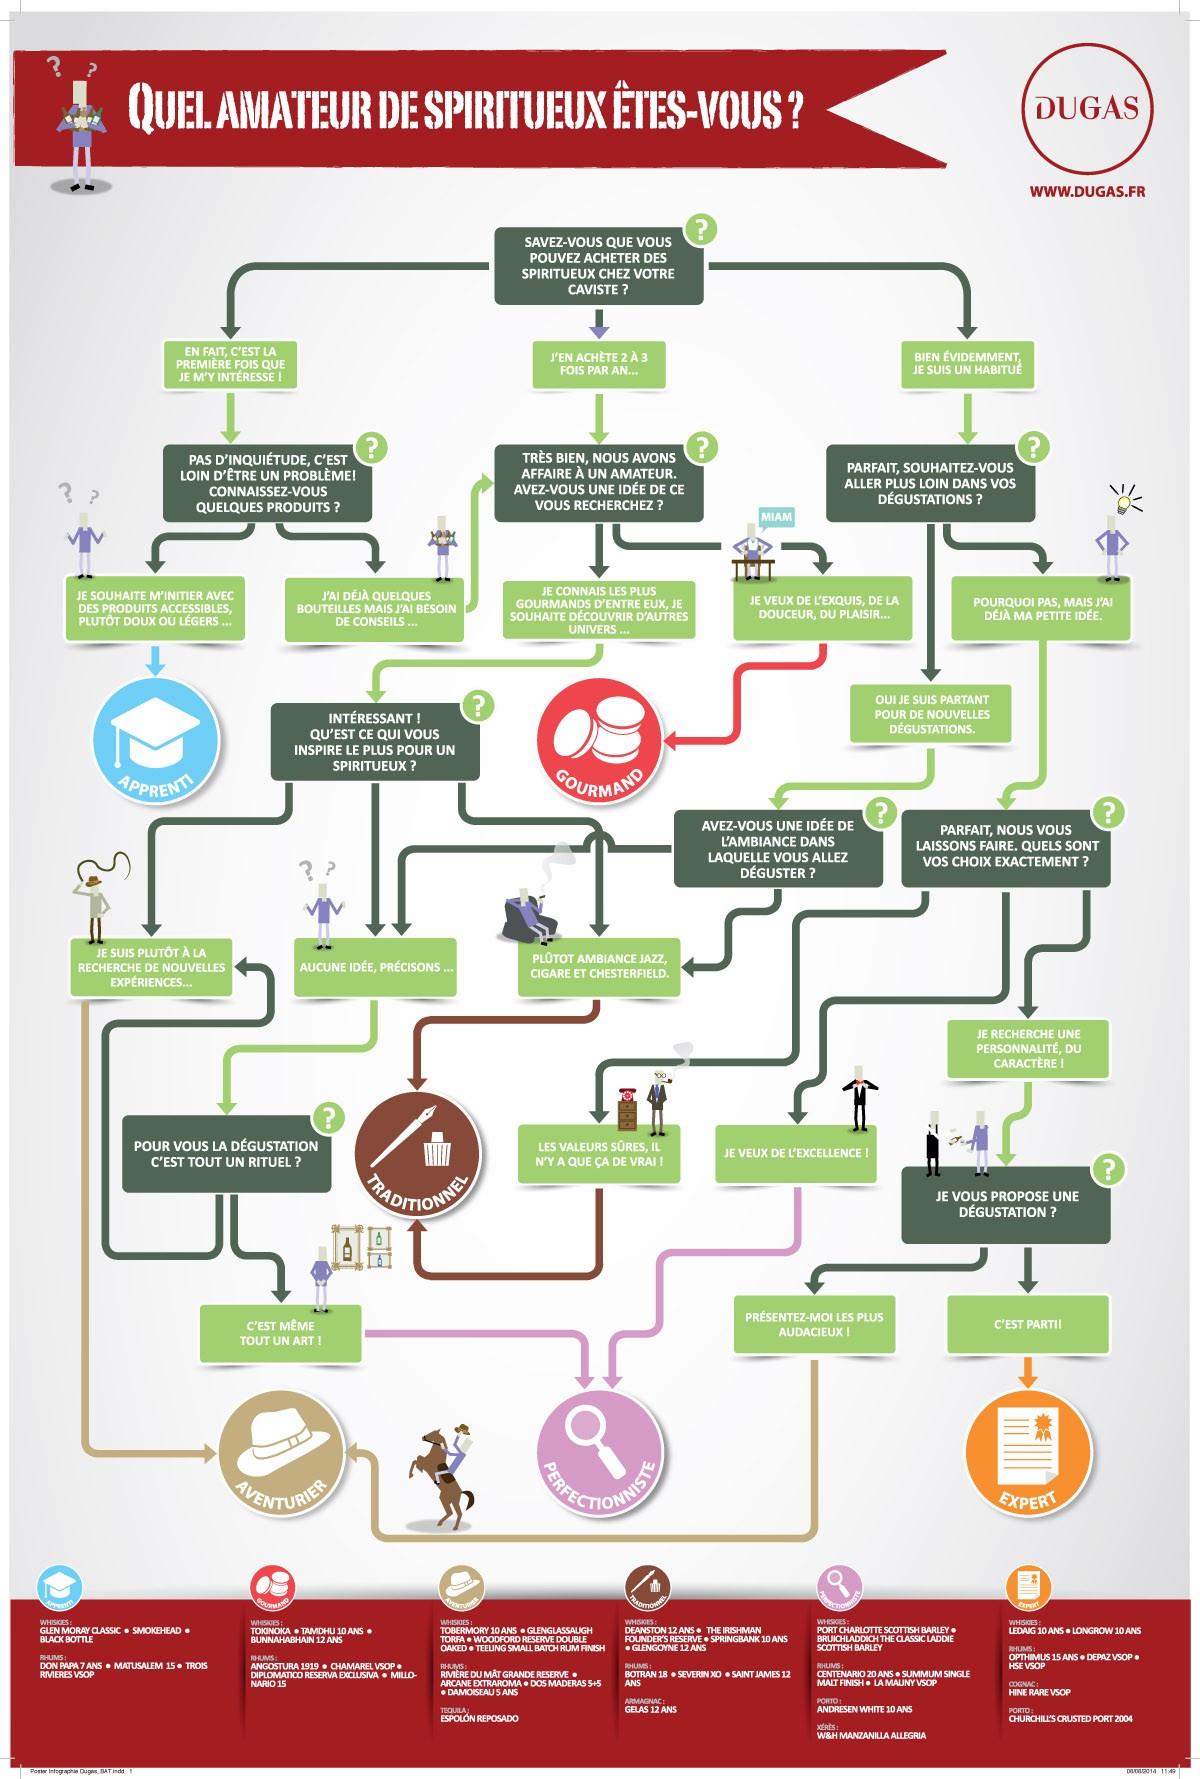 Infographie Dugas